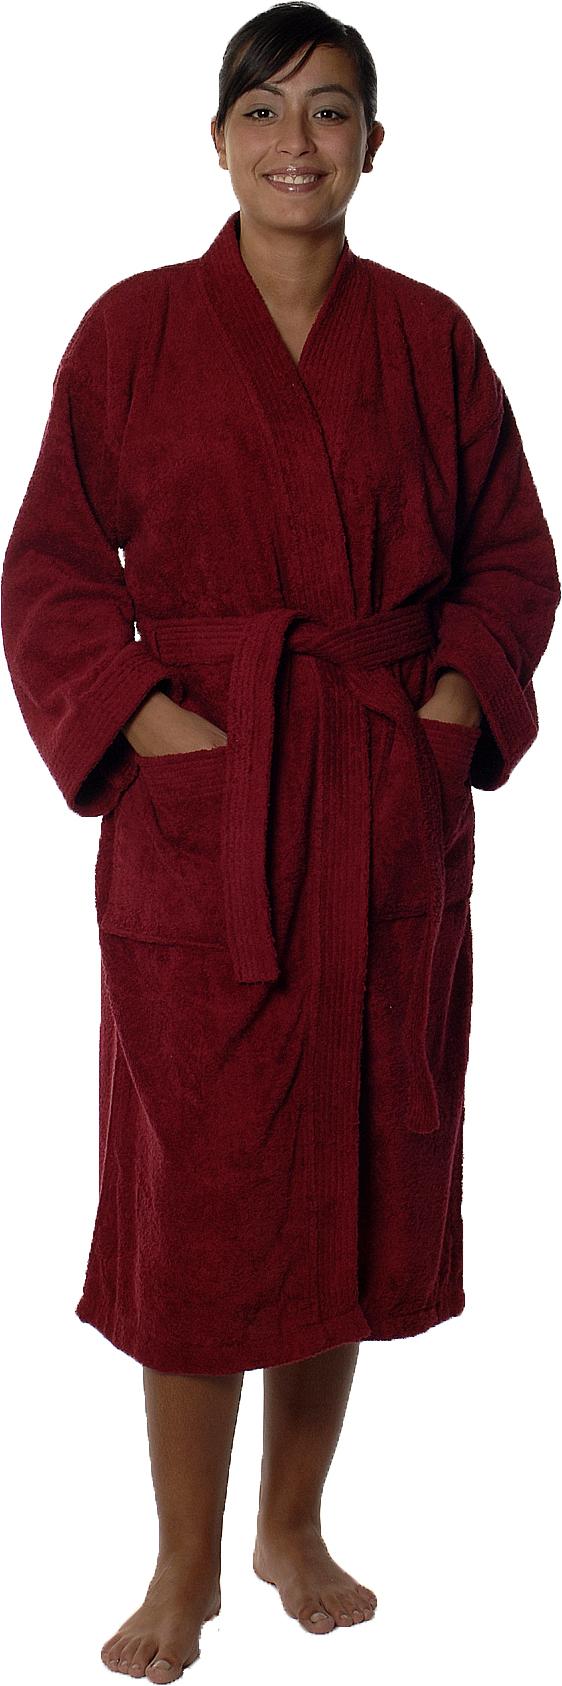 Peignoir col kimono en Coton couleur Bordeaux Taille XL (Bordeaux)